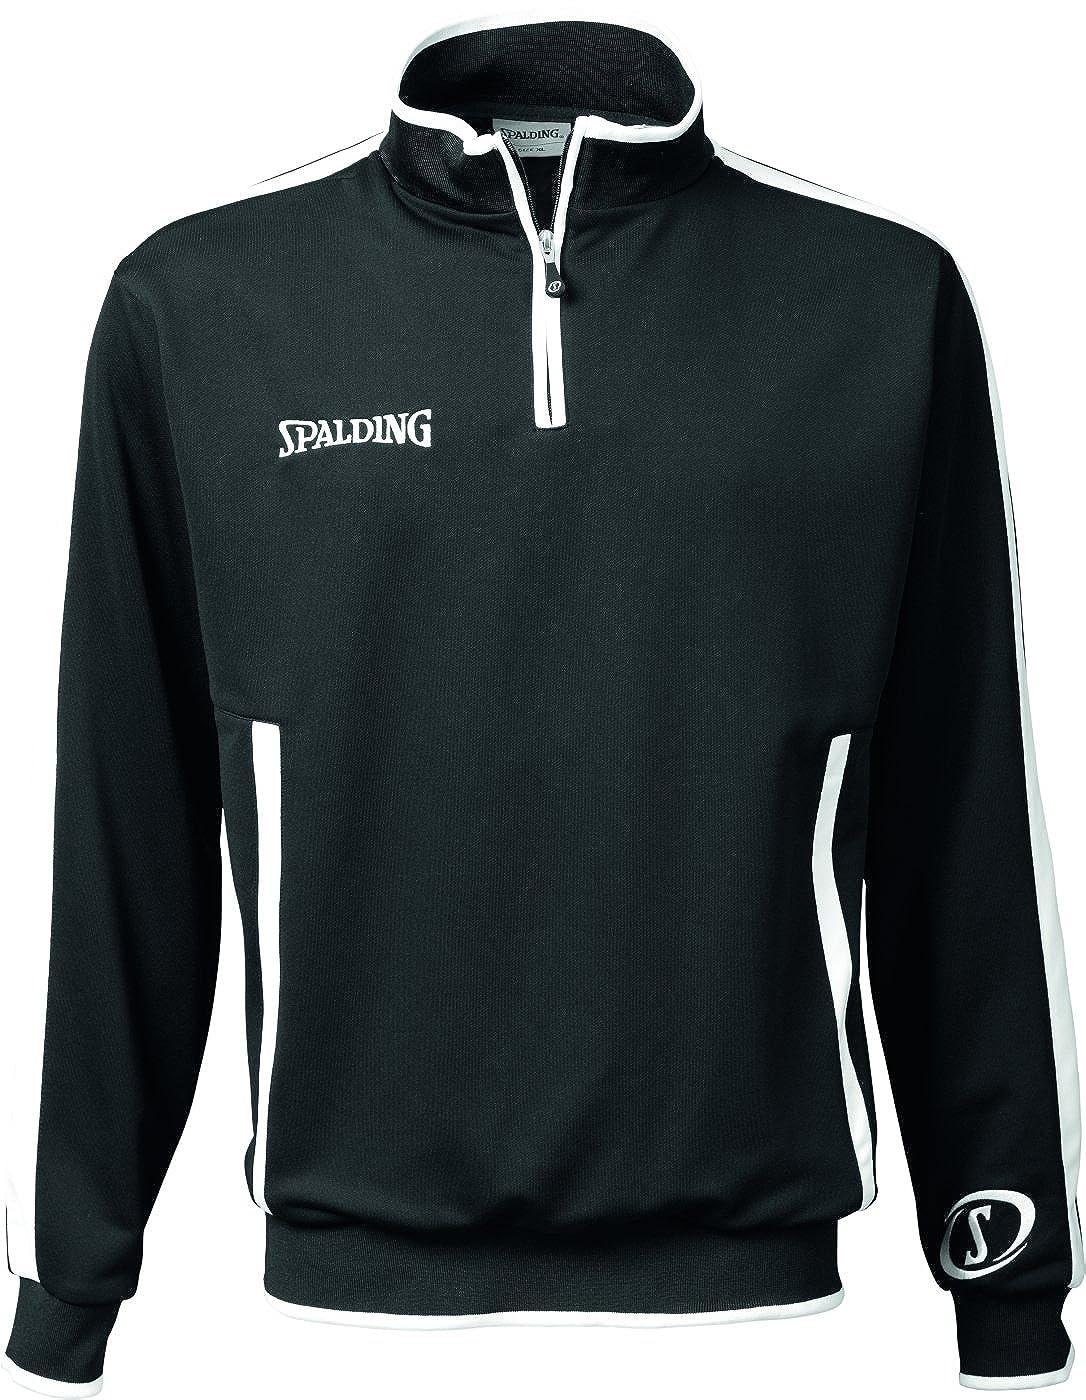 Spalding Bekleidung teamsport evolution II 1//4 zip top